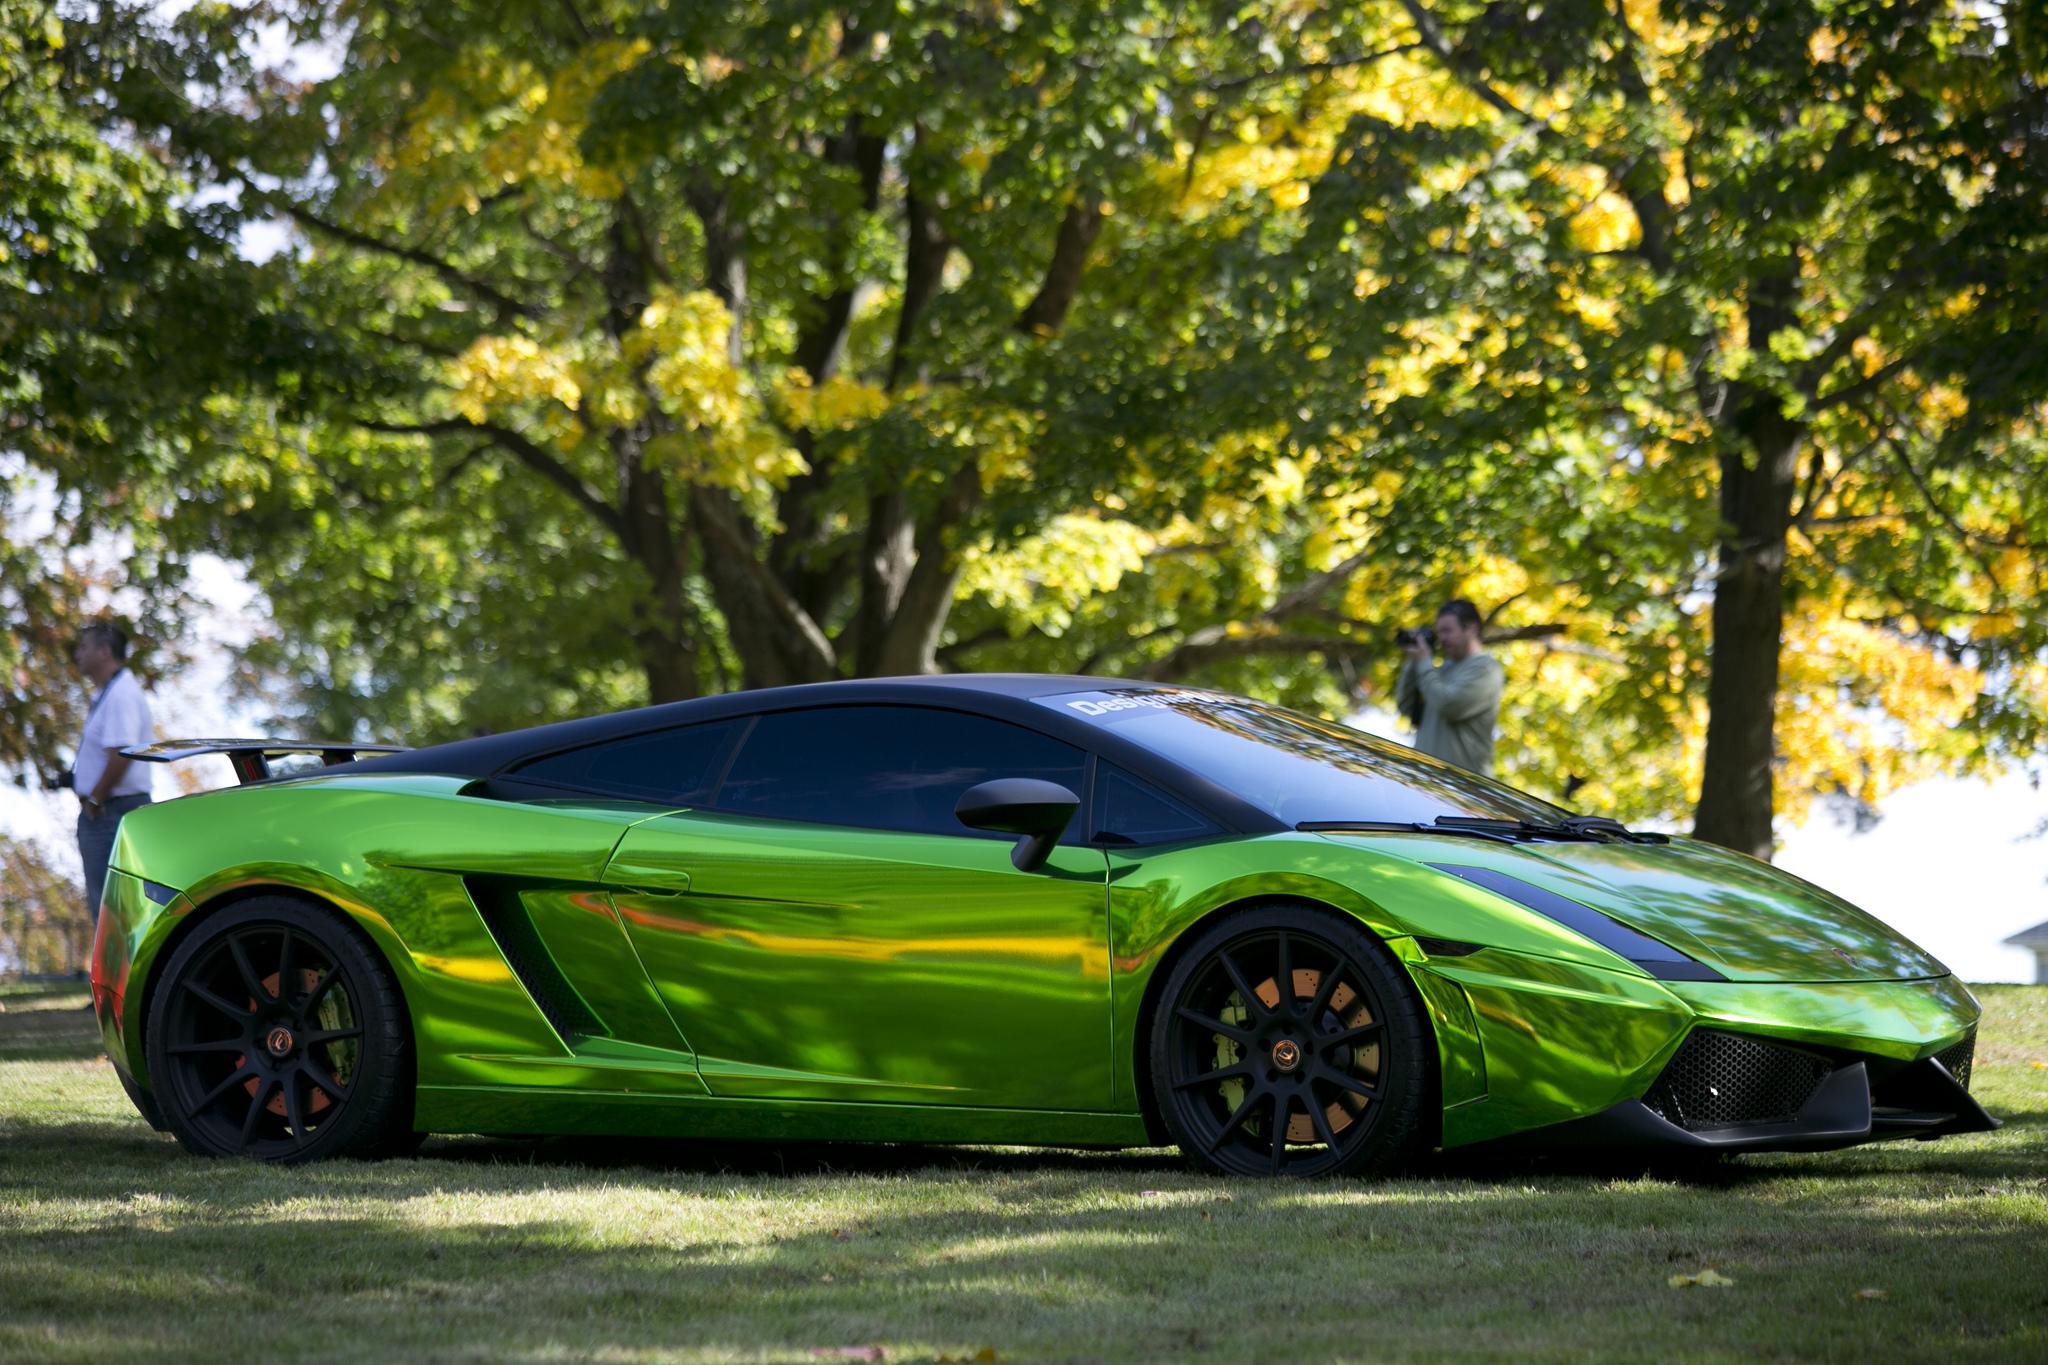 спортивный зеленый автомобиль Lamborghini  № 2996321 бесплатно